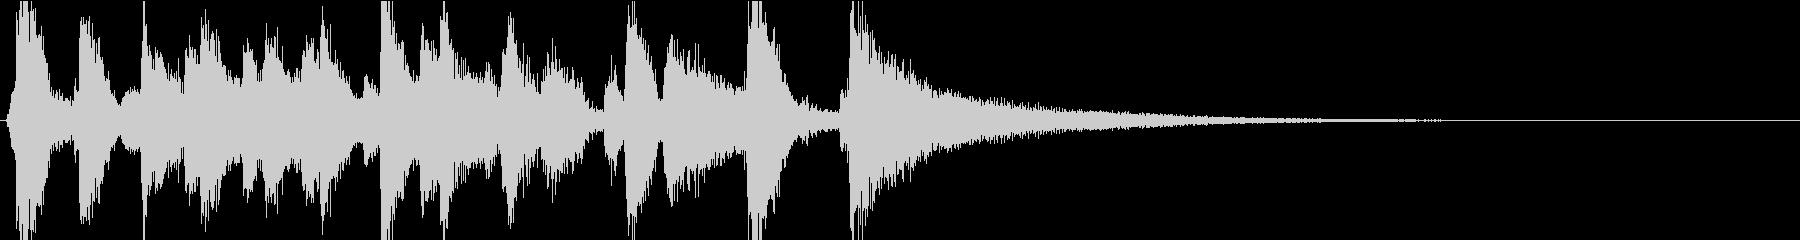 陽気なスイングピアノレトロジャズの未再生の波形